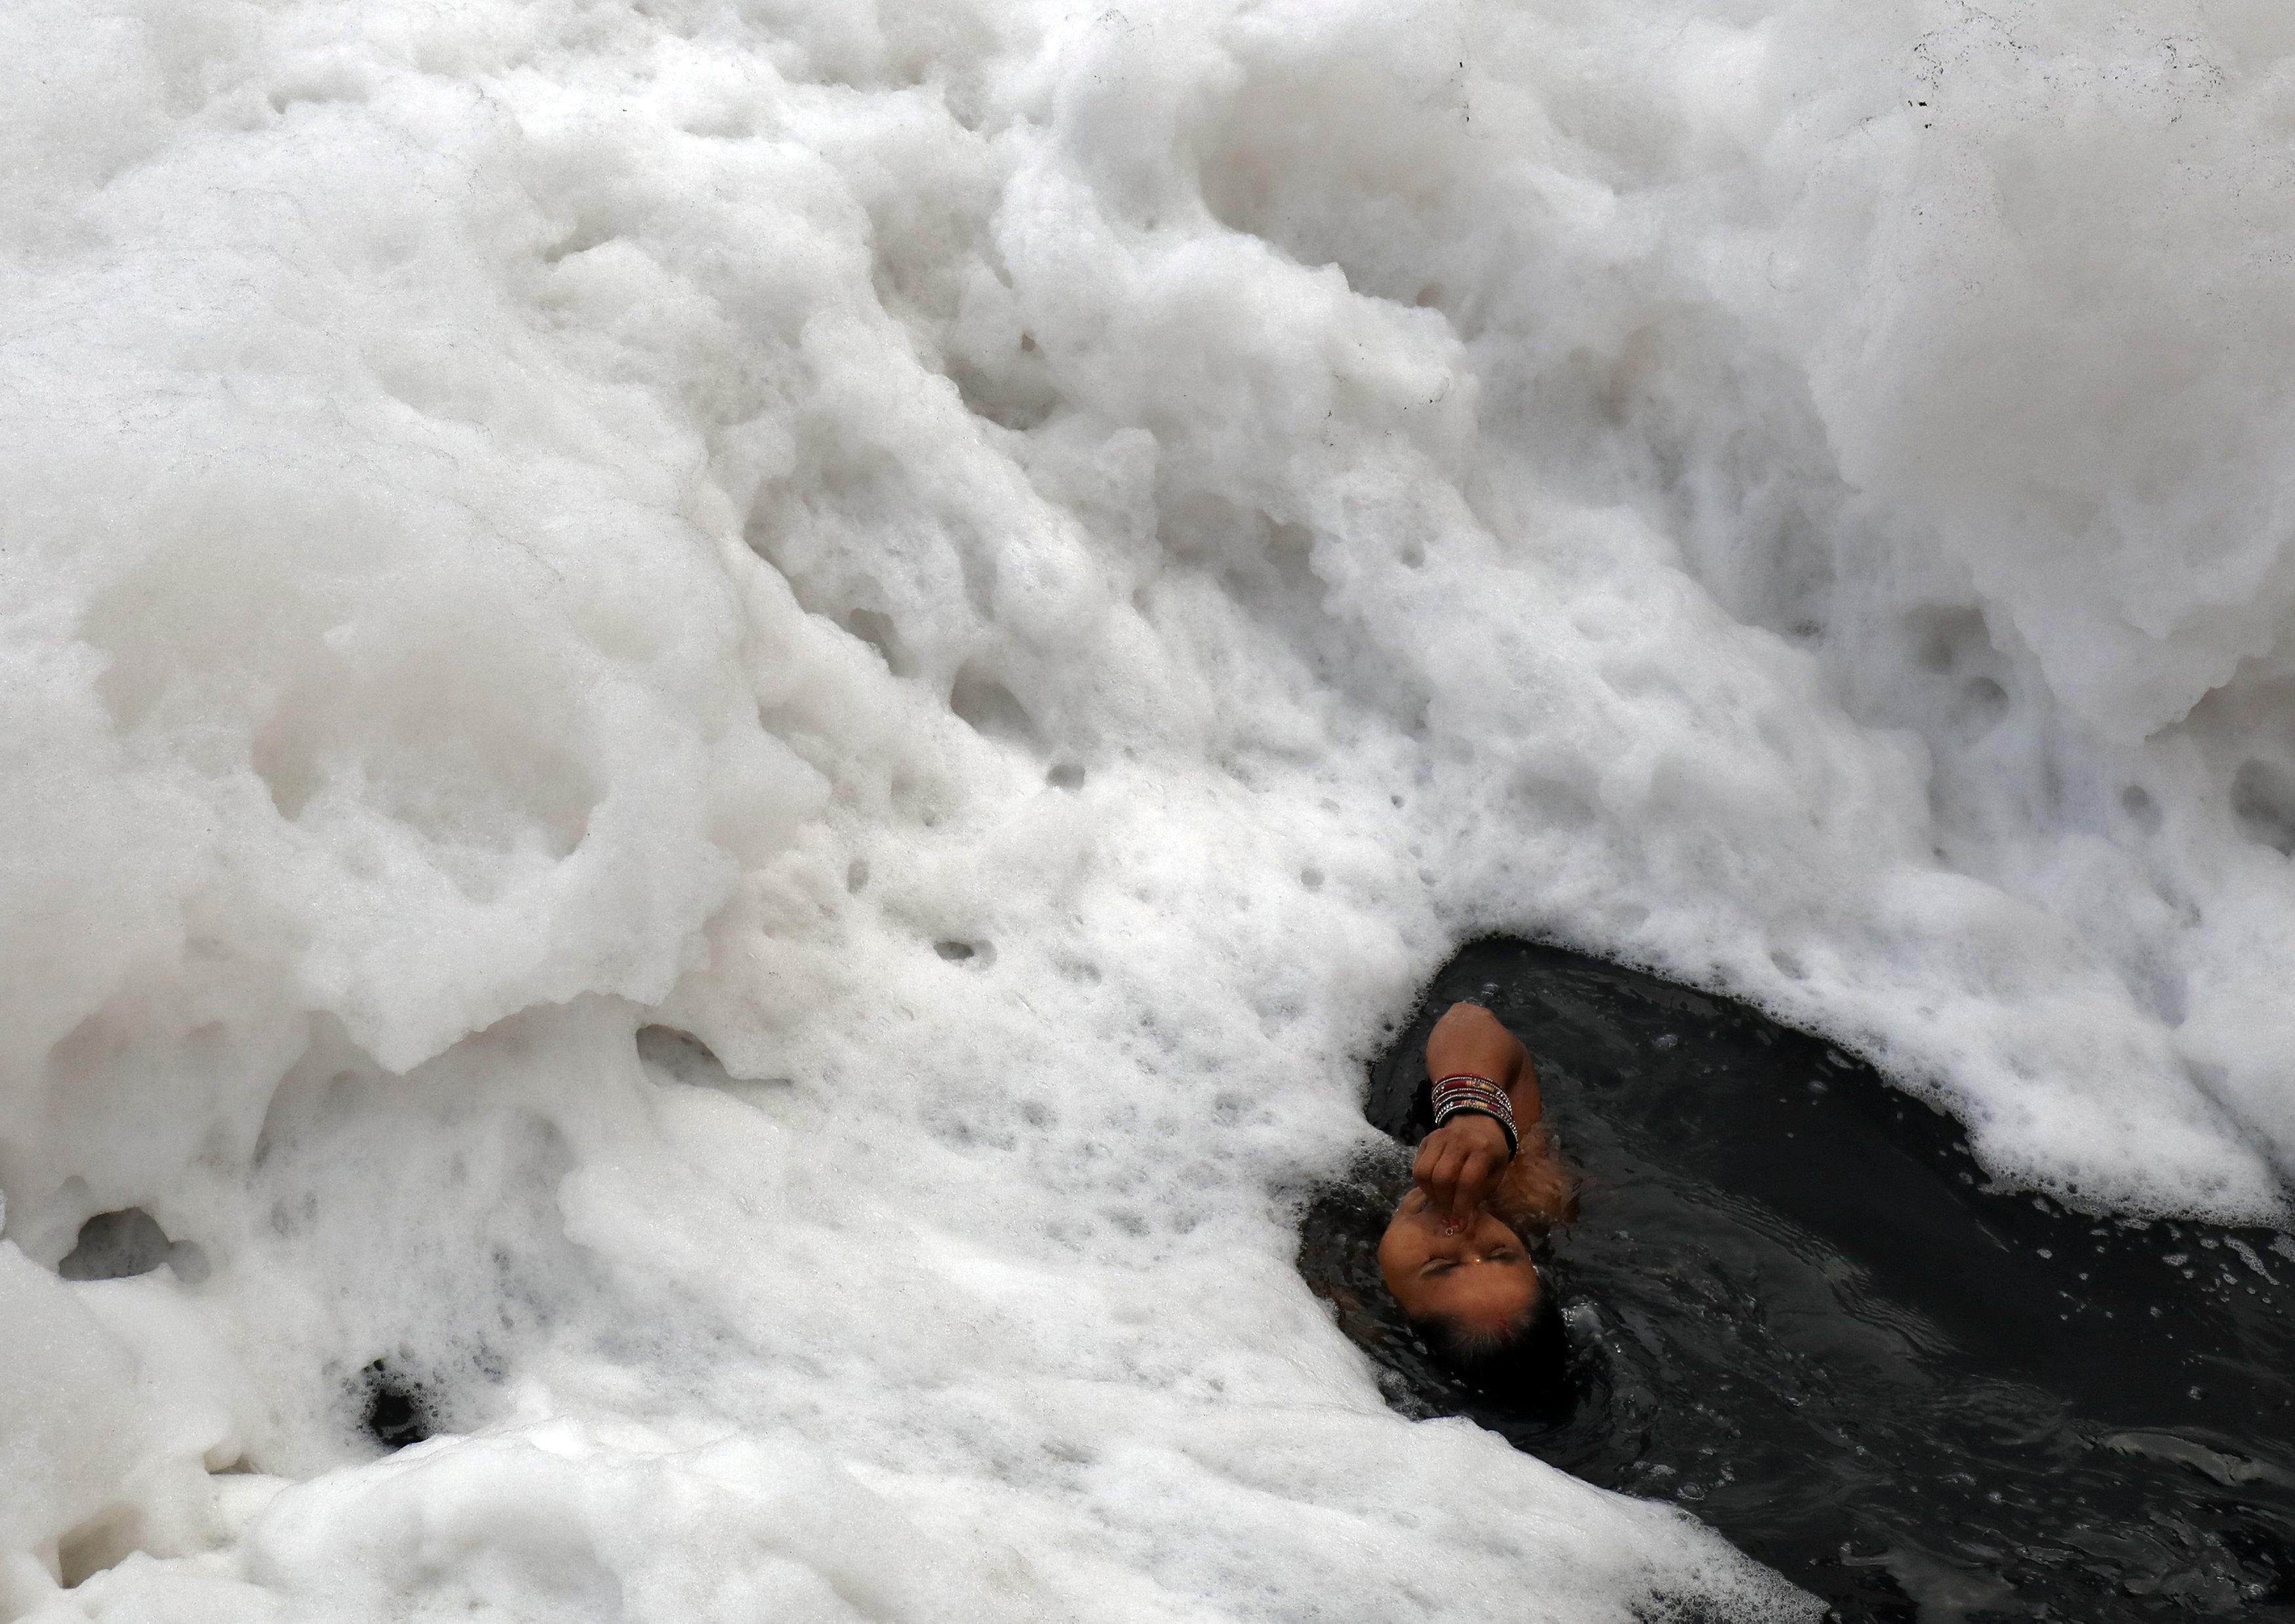 امرأة هندوسية فى مياه نهر يامانو خلال احتفالات عيد شاتا بوجا فى نيودلهى